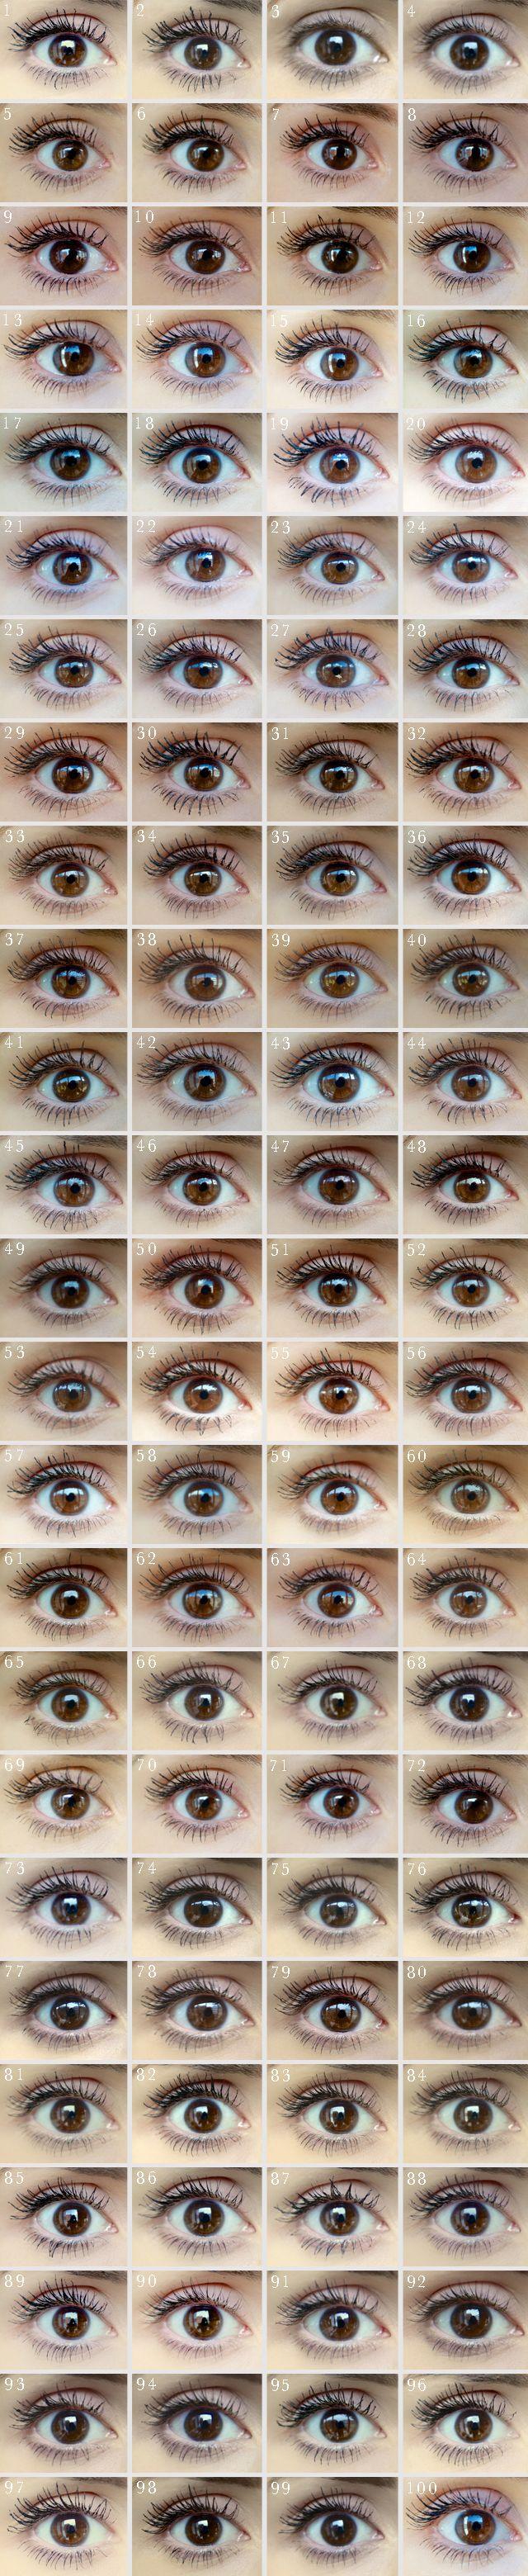 100 شكل مختلف للماسكرا لنفس العين